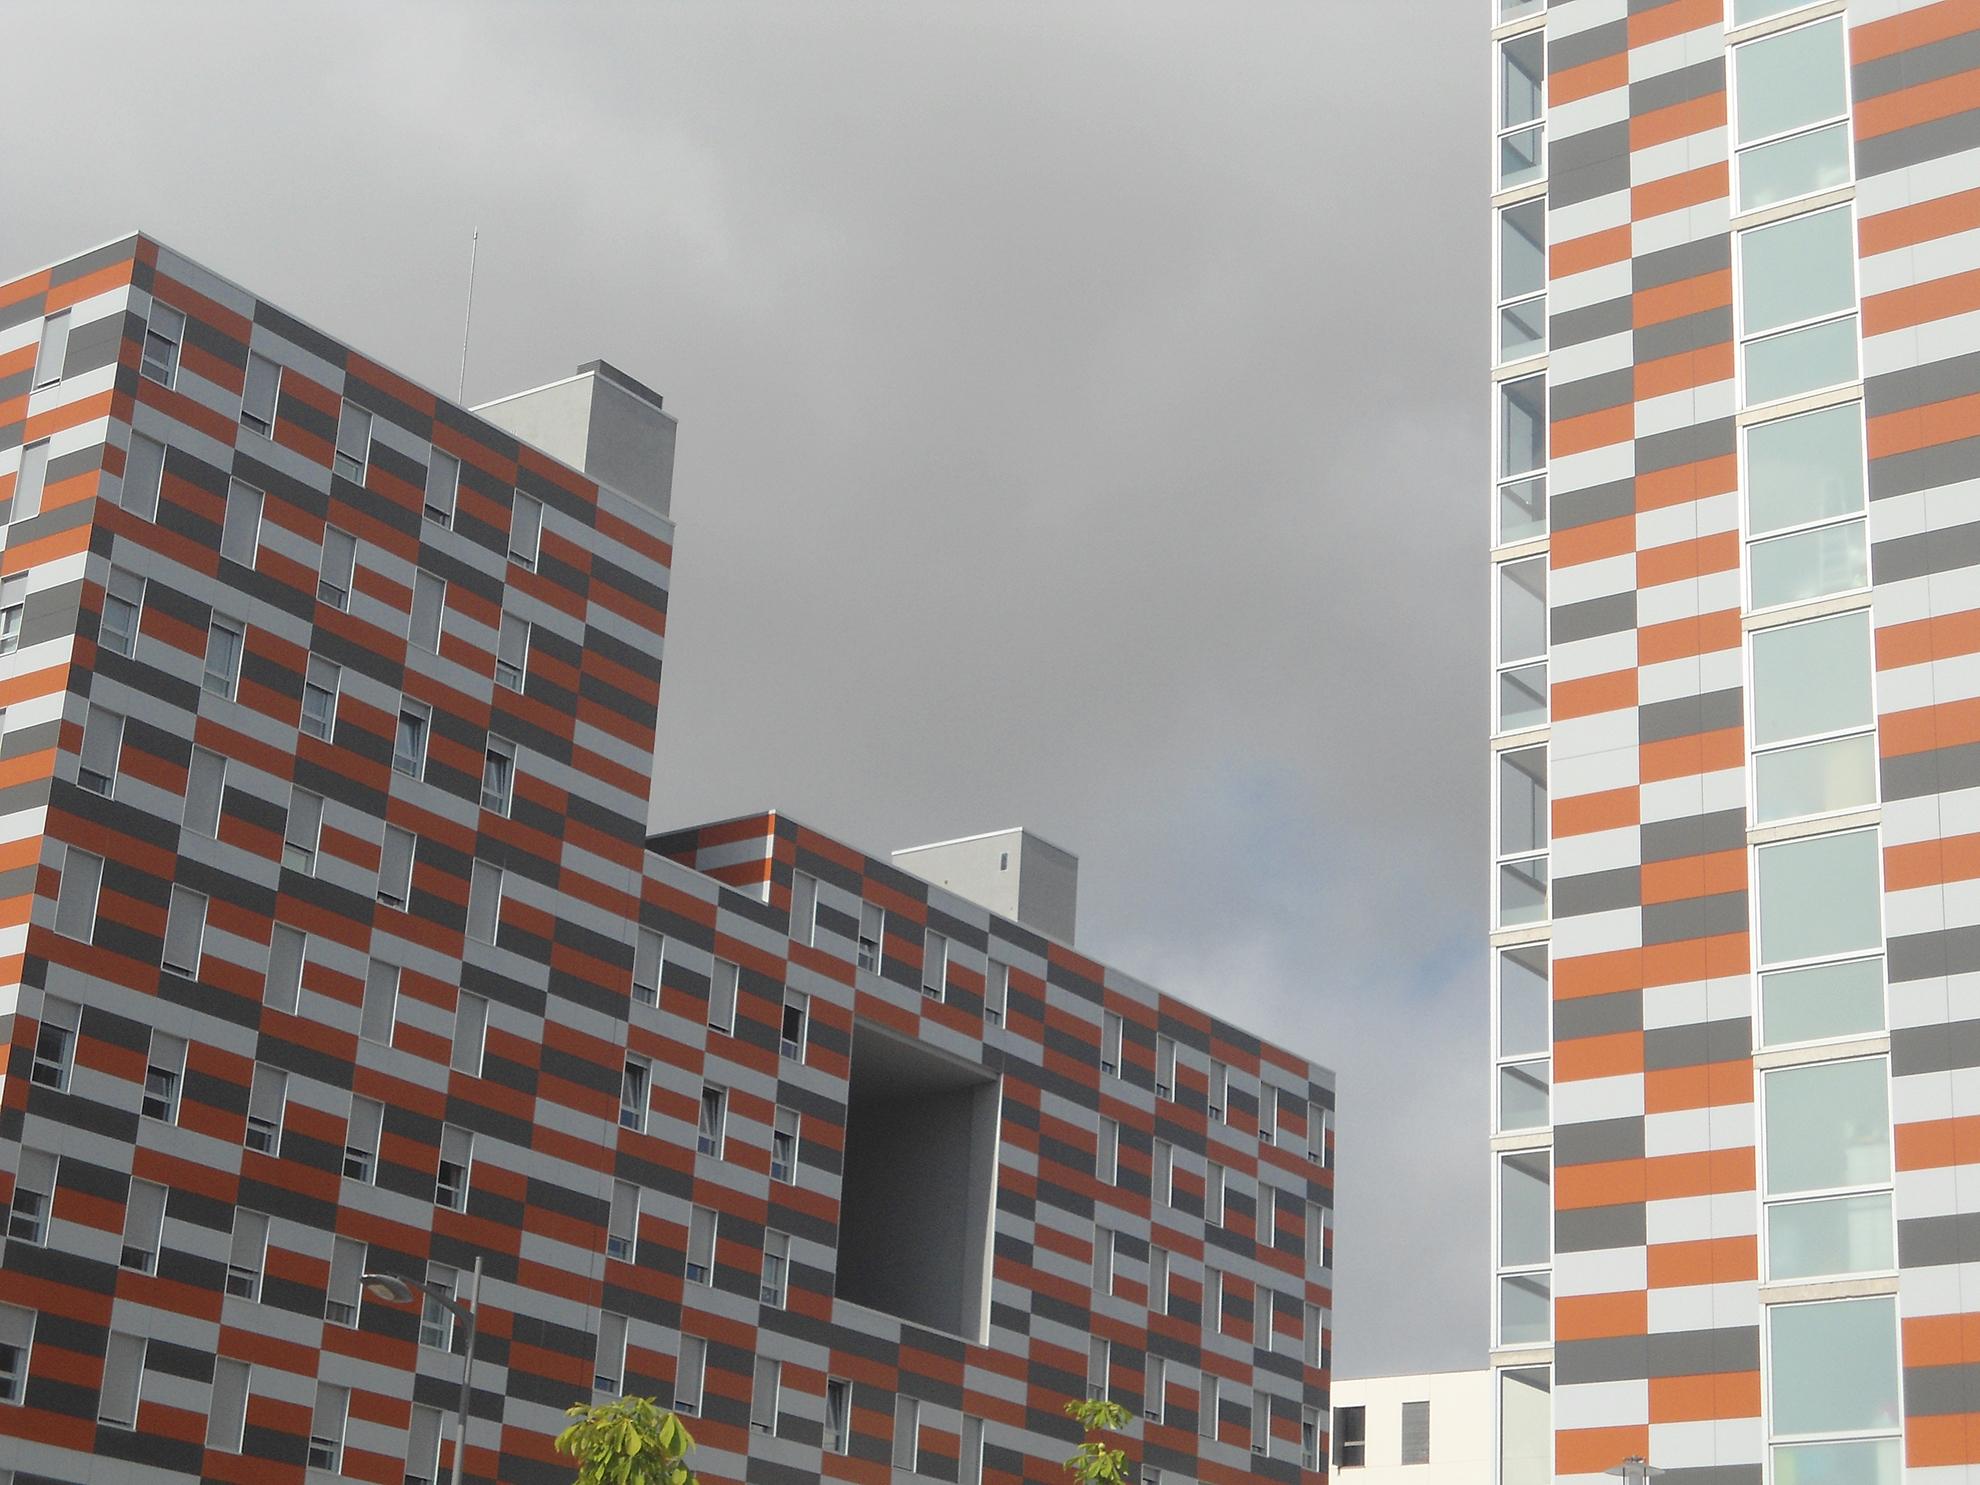 Edificio-viviendas-Zabalgana.-Vitoria-Espaa.-larso-2_1586275835.jpg